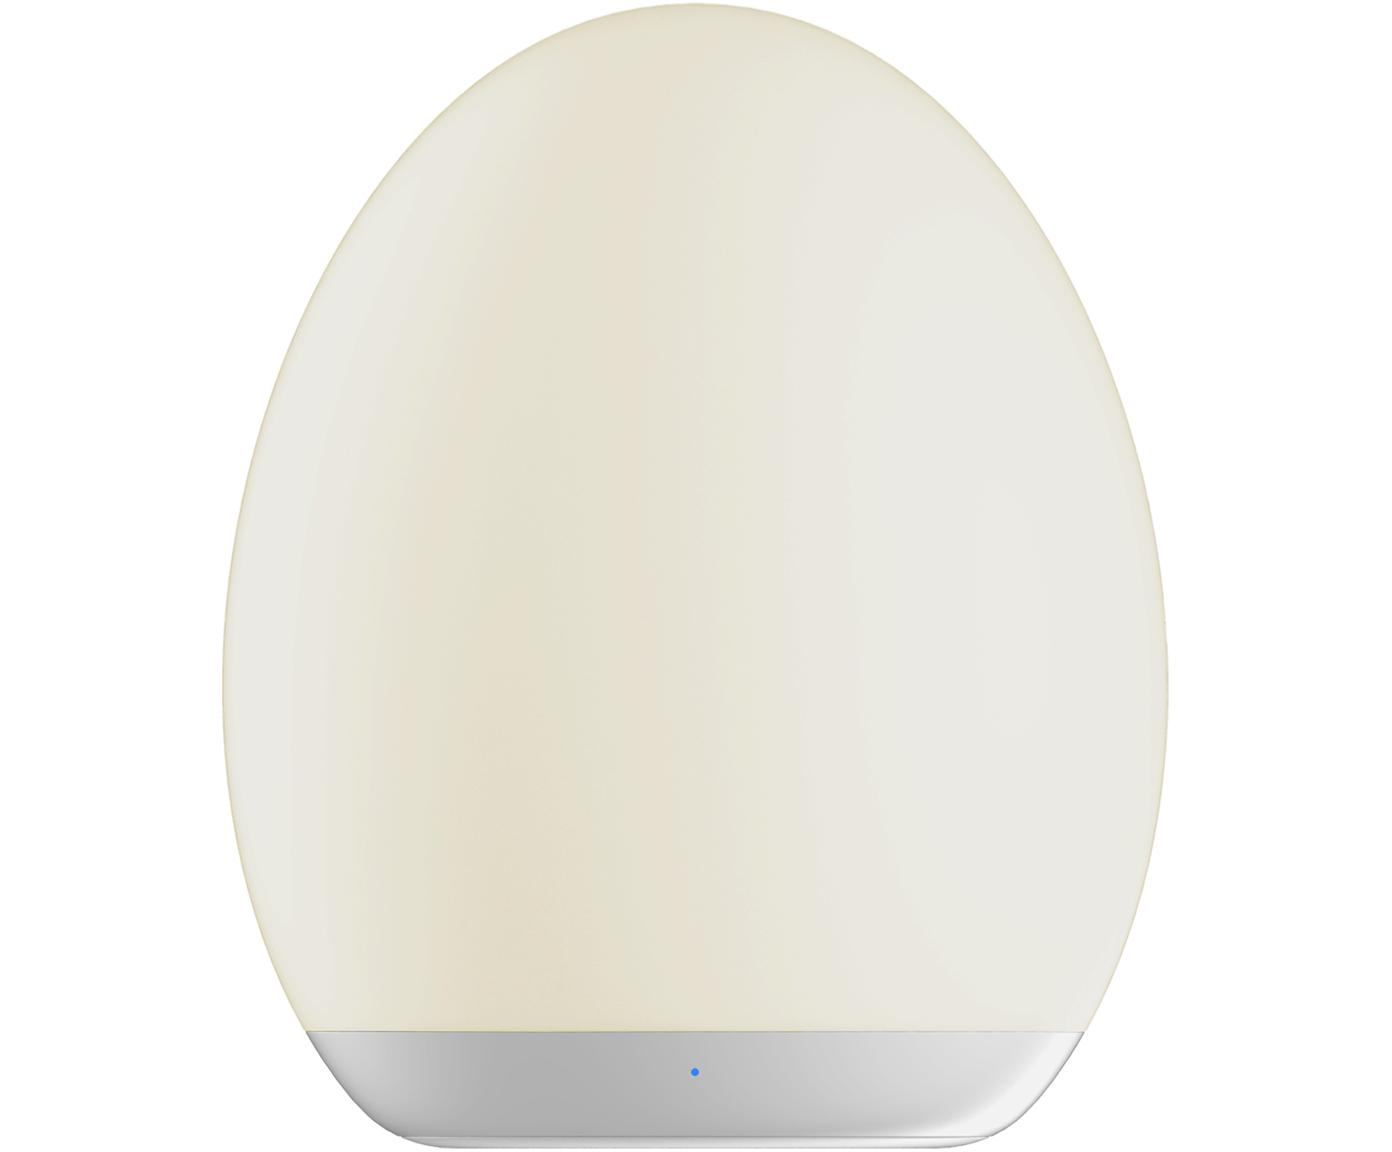 LED Außenleuchte Nadia, Kunststoff (ABS), Weiß, Ø 9 x H 11 cm